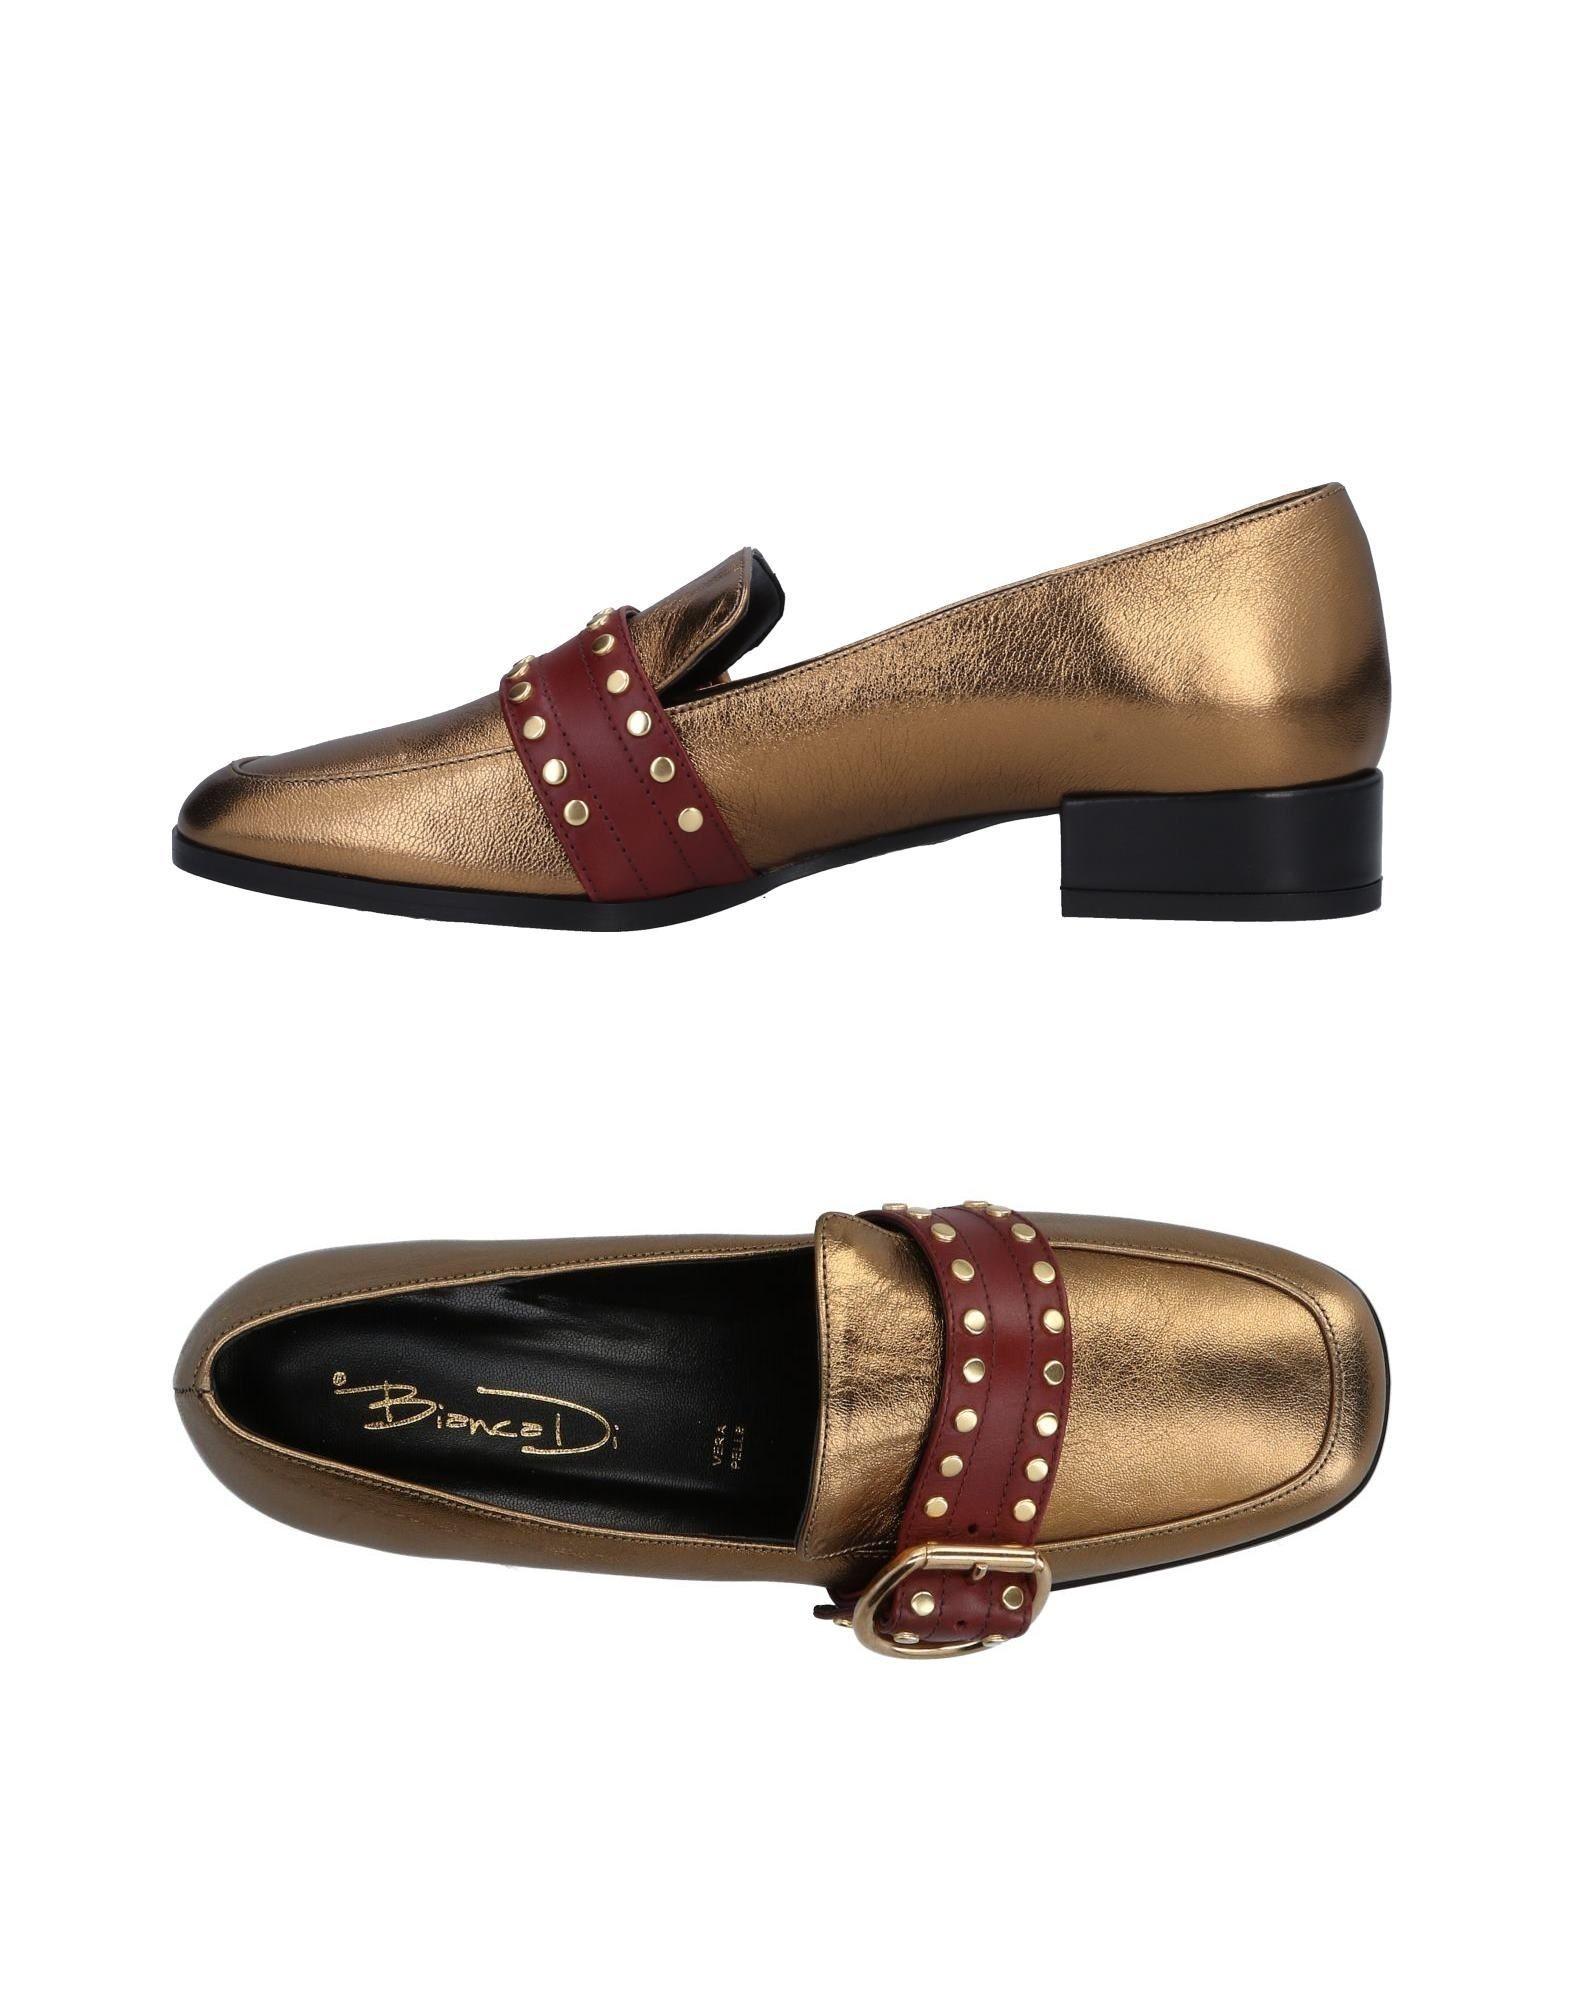 Bianca Di Mokassins Qualität Damen  11497152WJ Gute Qualität Mokassins beliebte Schuhe 2b6995